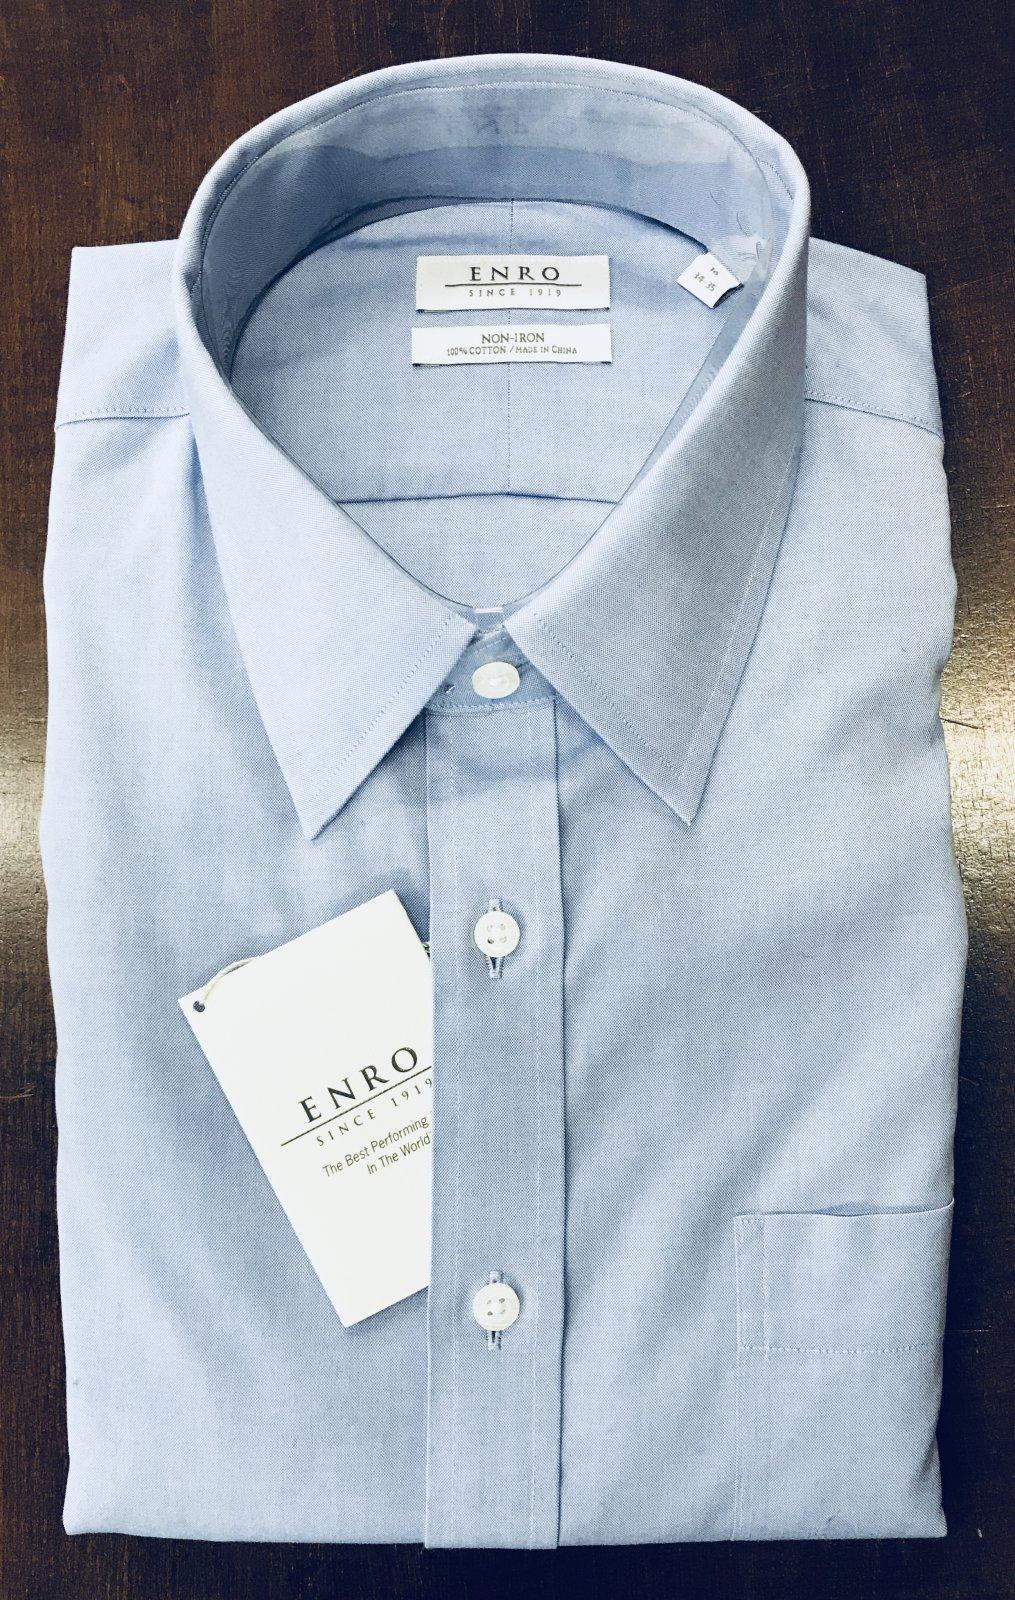 Enro LS Dress Shirt